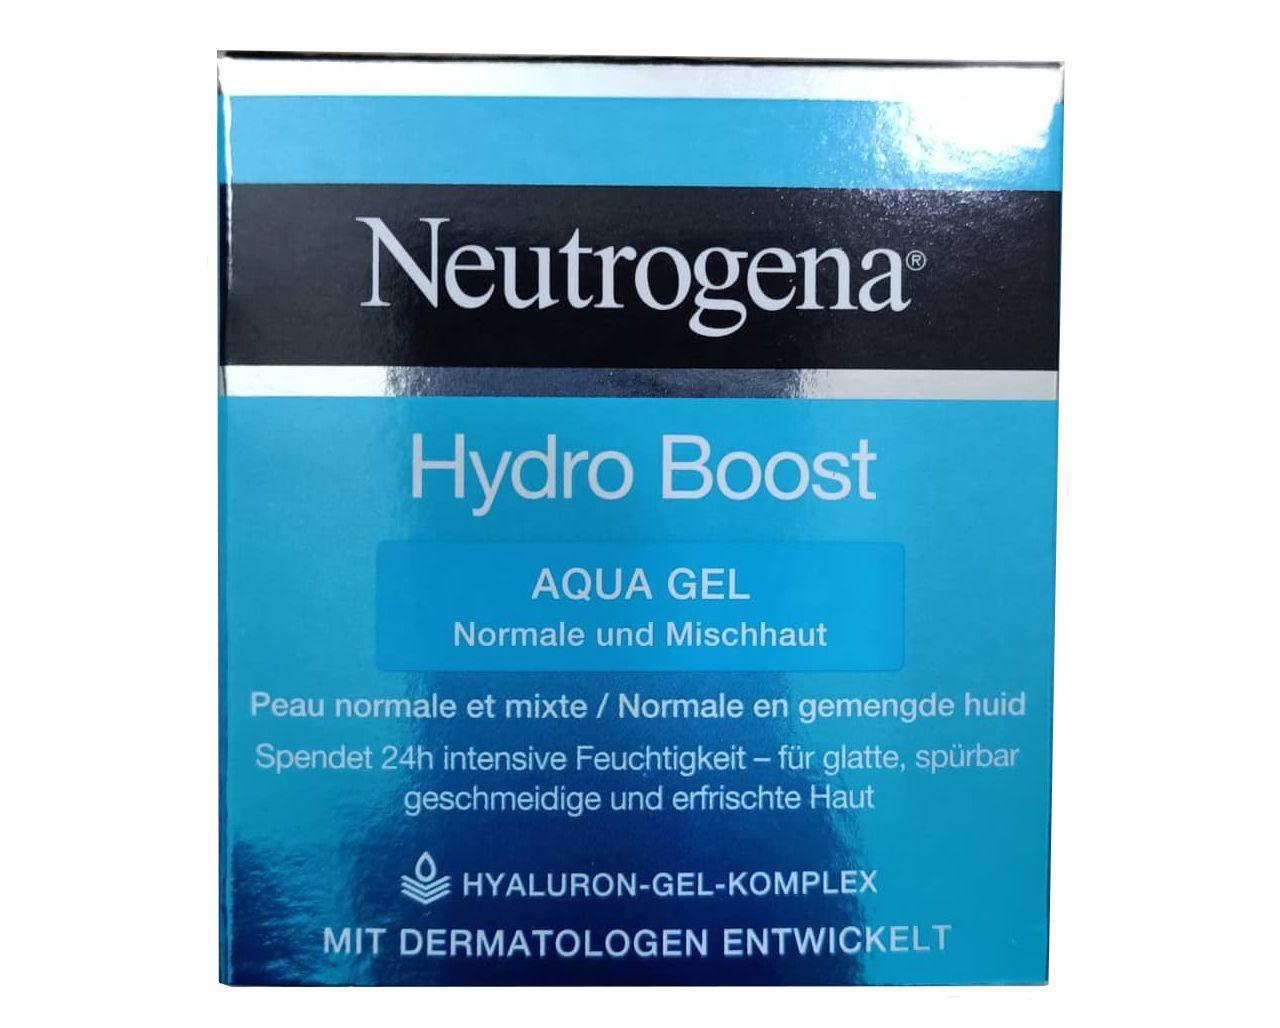 Kem dưỡng ẩm Neutrogena Aqua gel (phiên bản của dành cho thị trường Pháp)